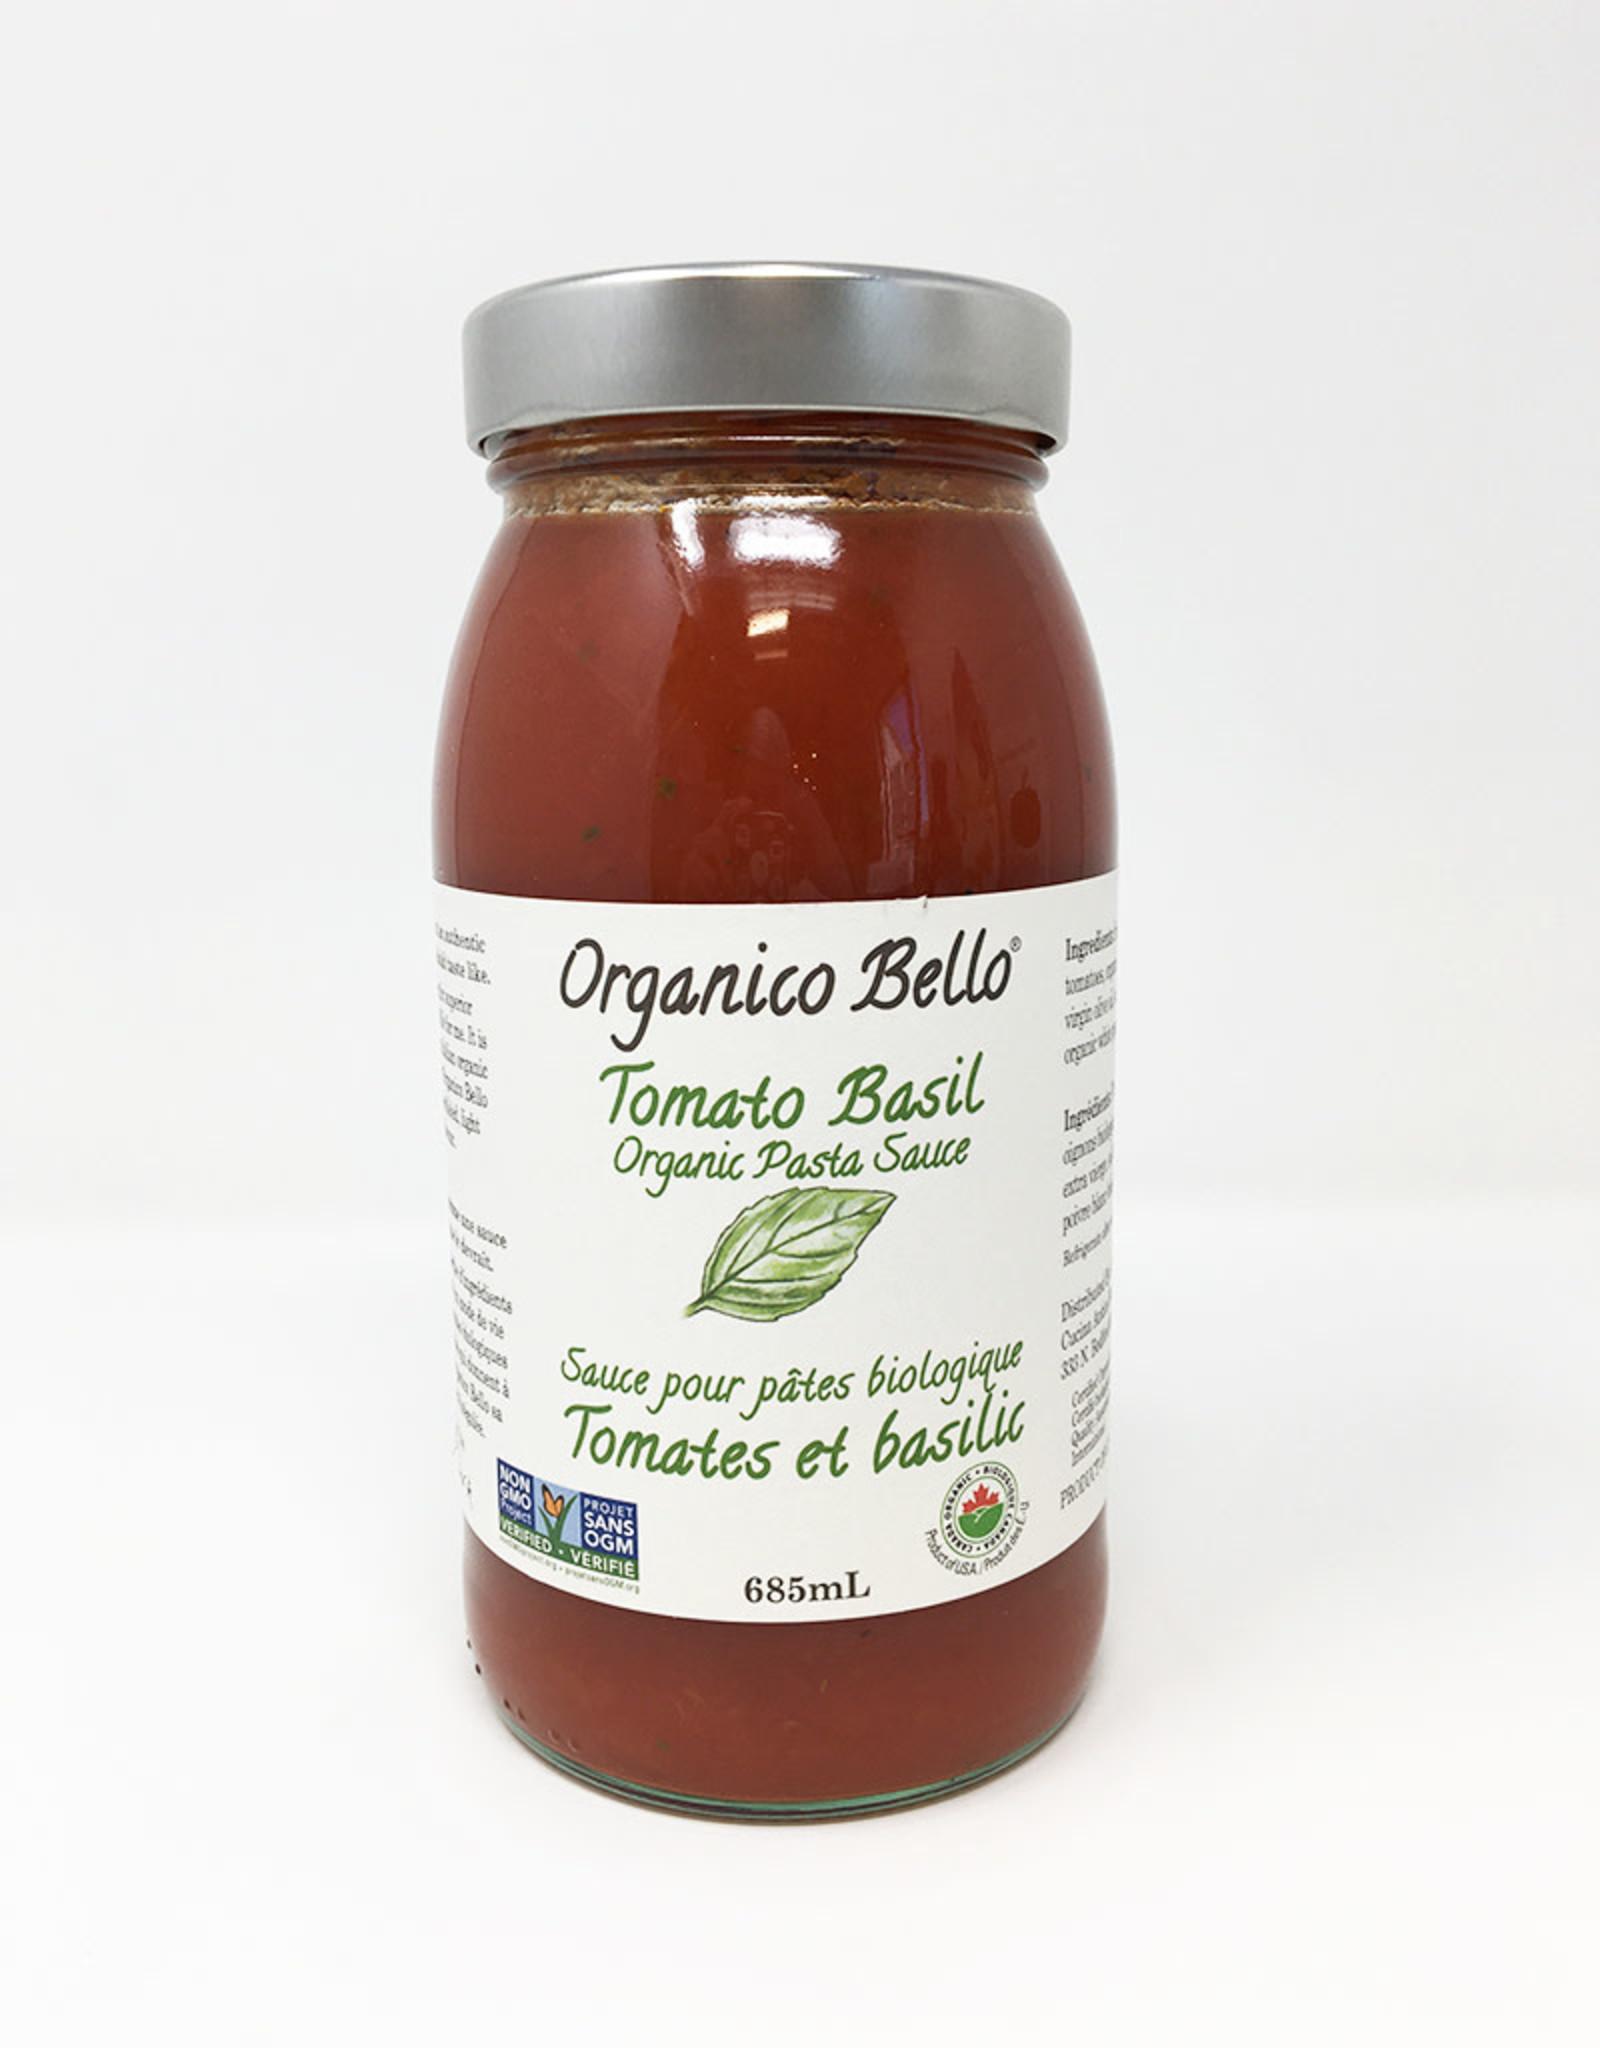 Organico Bello Organico Bello - Pasta Sauce, Tomato Basil